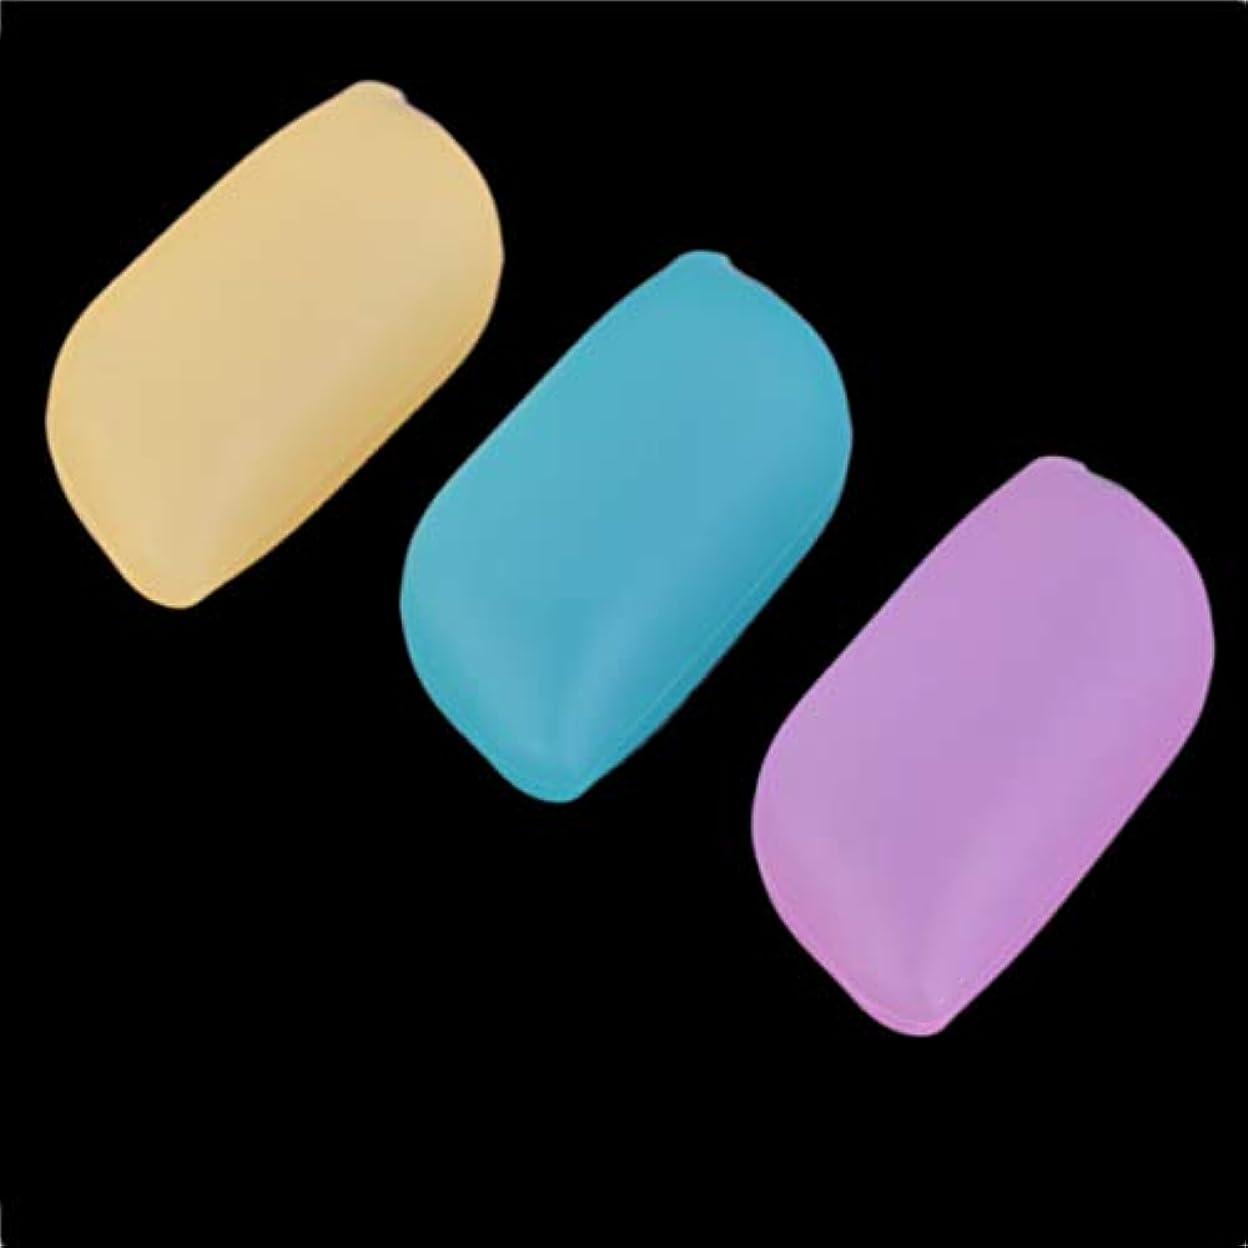 アレルギー性自我収束するポータブル軽量3ピースシリコンソフトトラベルキャンプ開催歯ブラシヘッドケースカバー保護キャップきれいに保つ - 多色